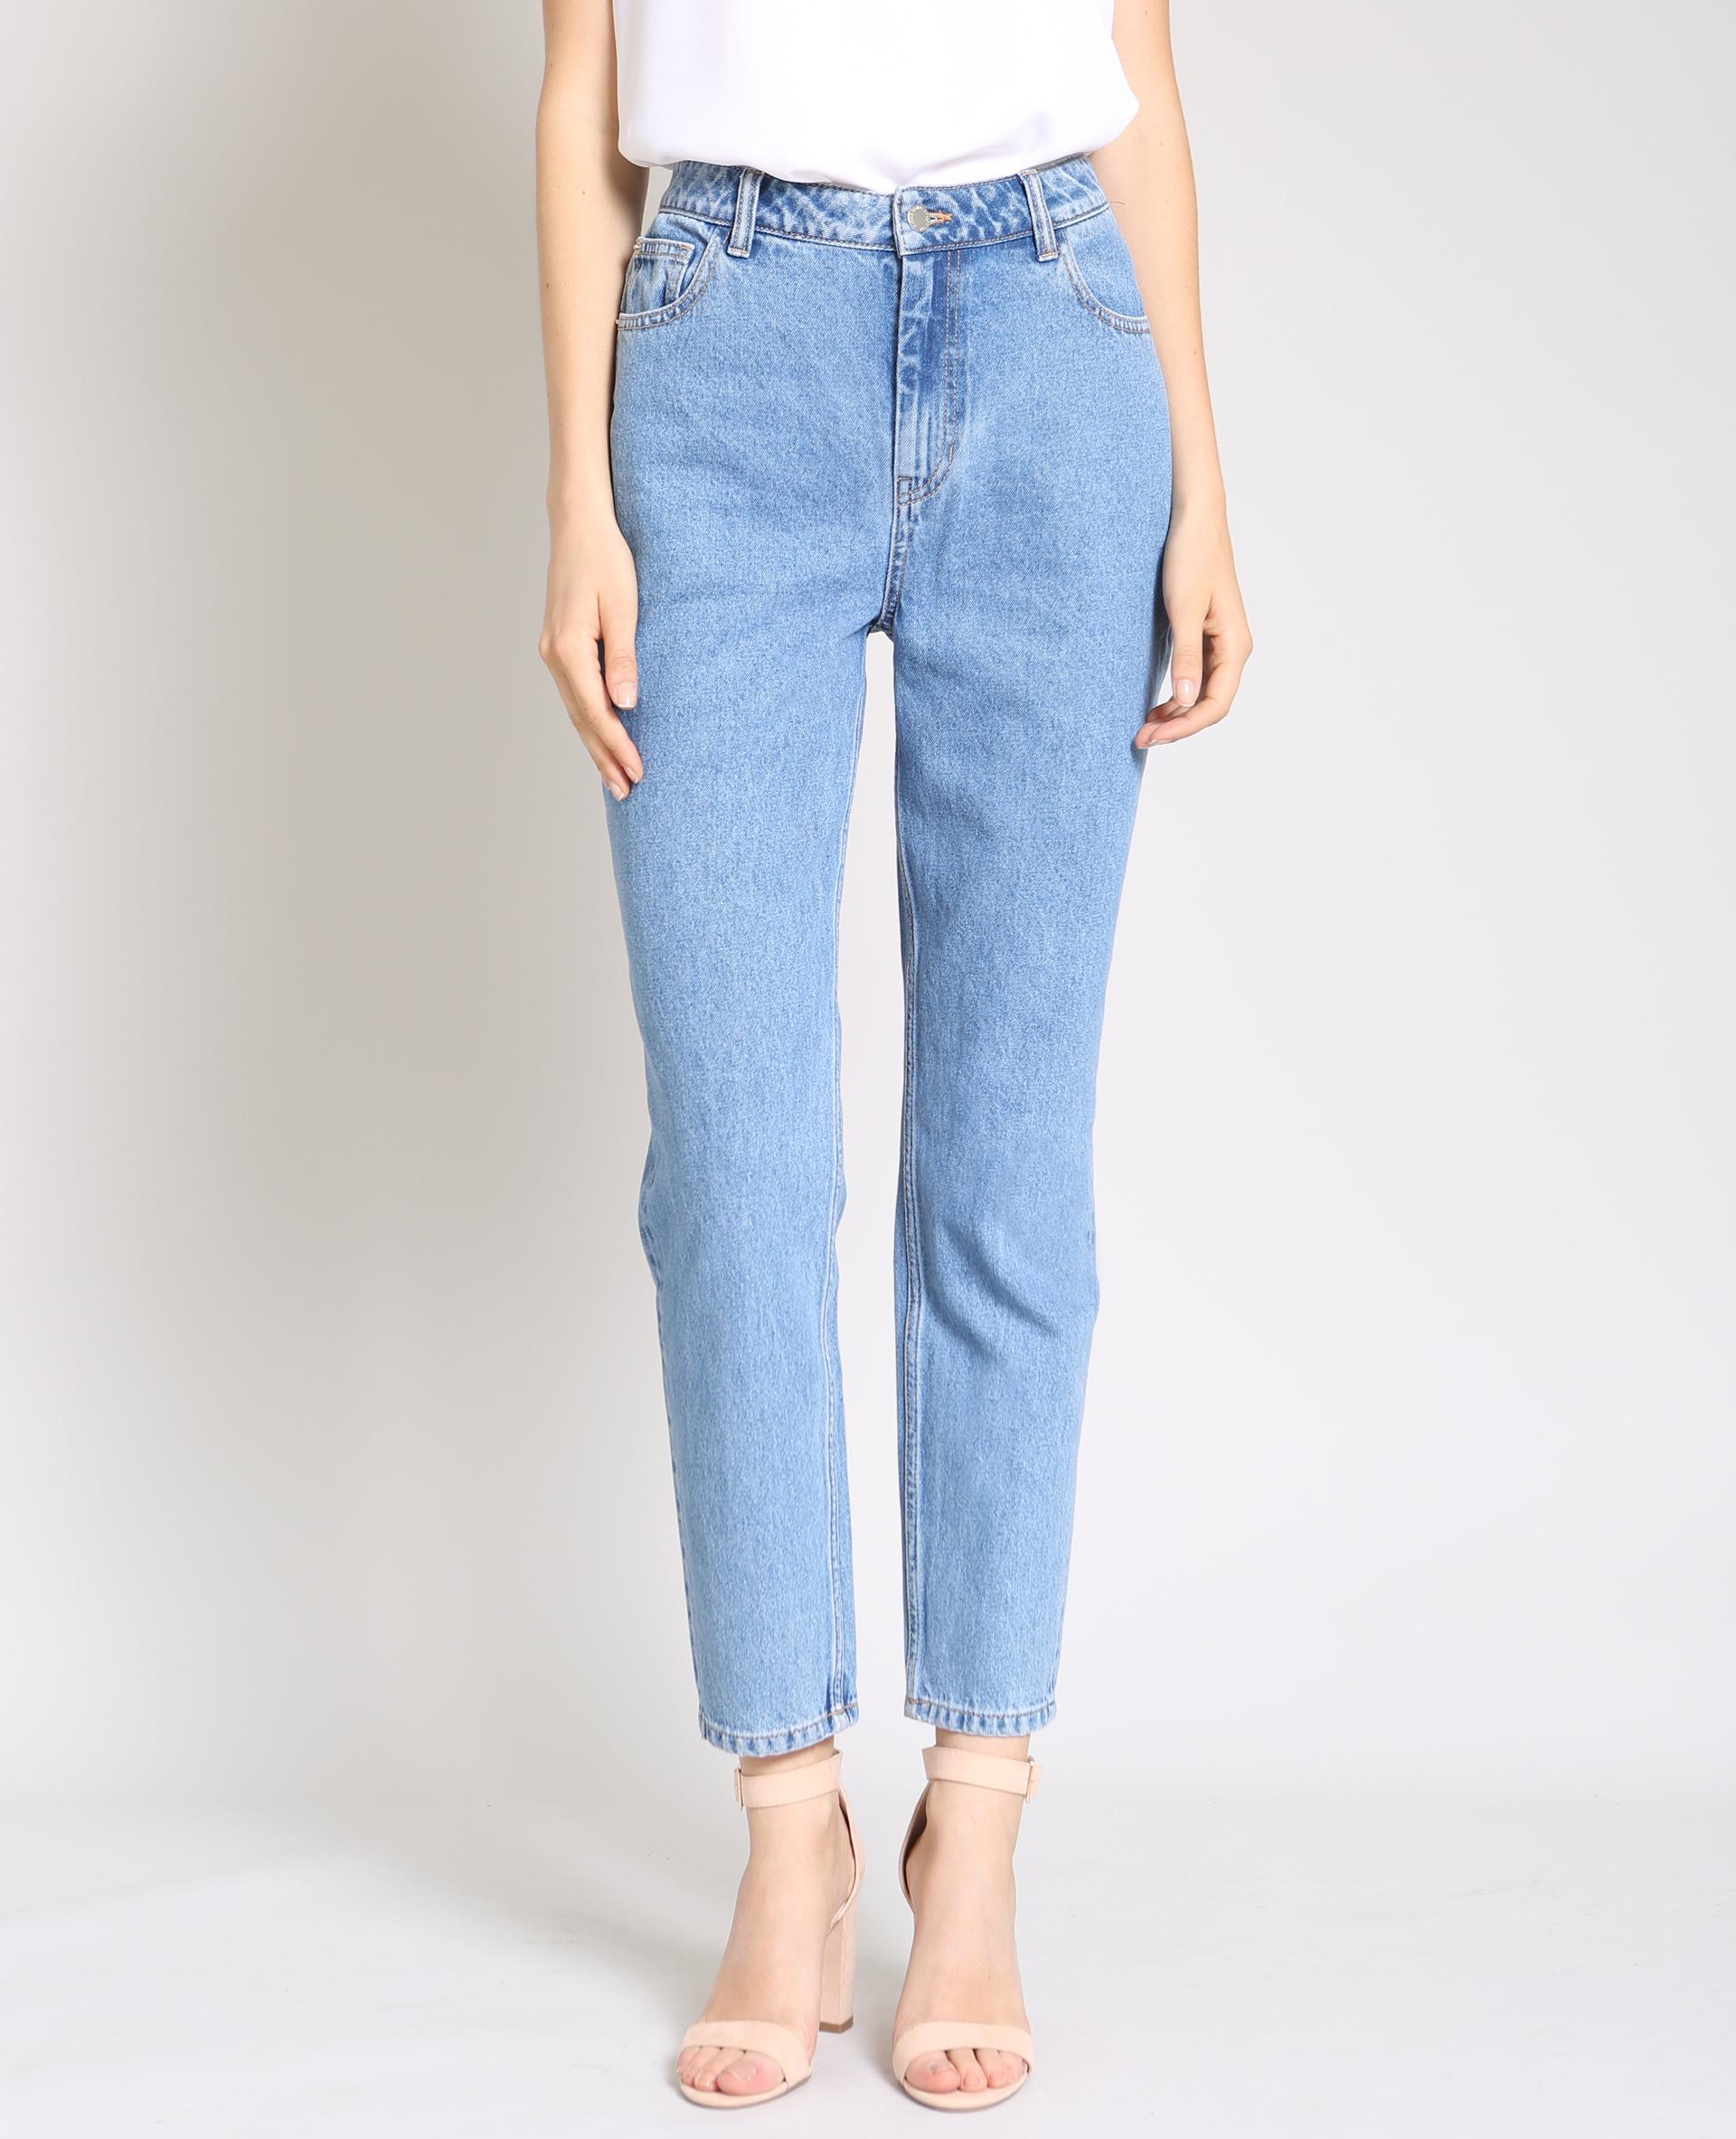 789e73c5d5e Jean taille haute bleu foncé